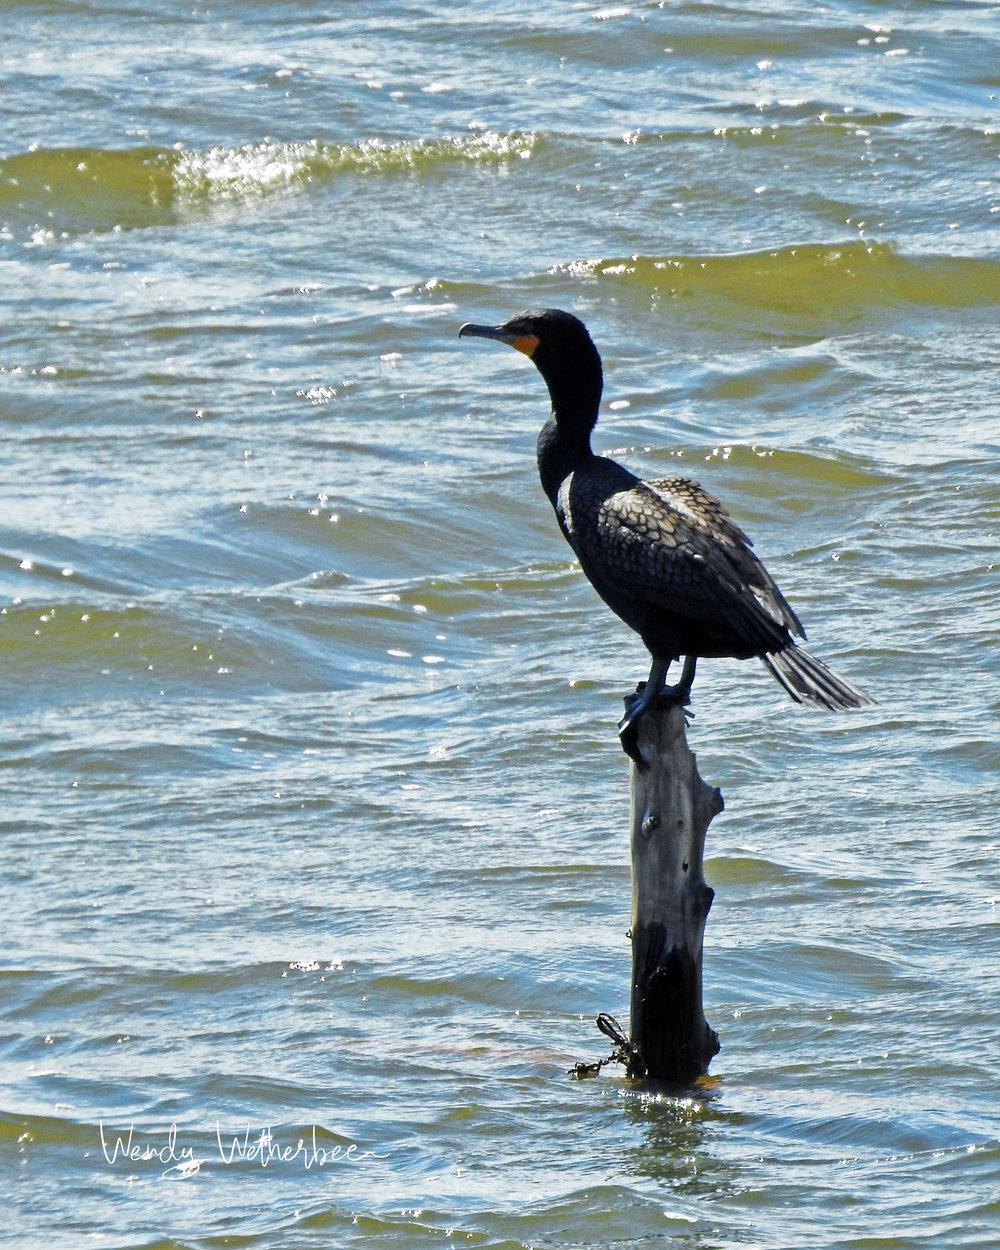 Keeping watch - Cormorant © Wendy Wetherbee